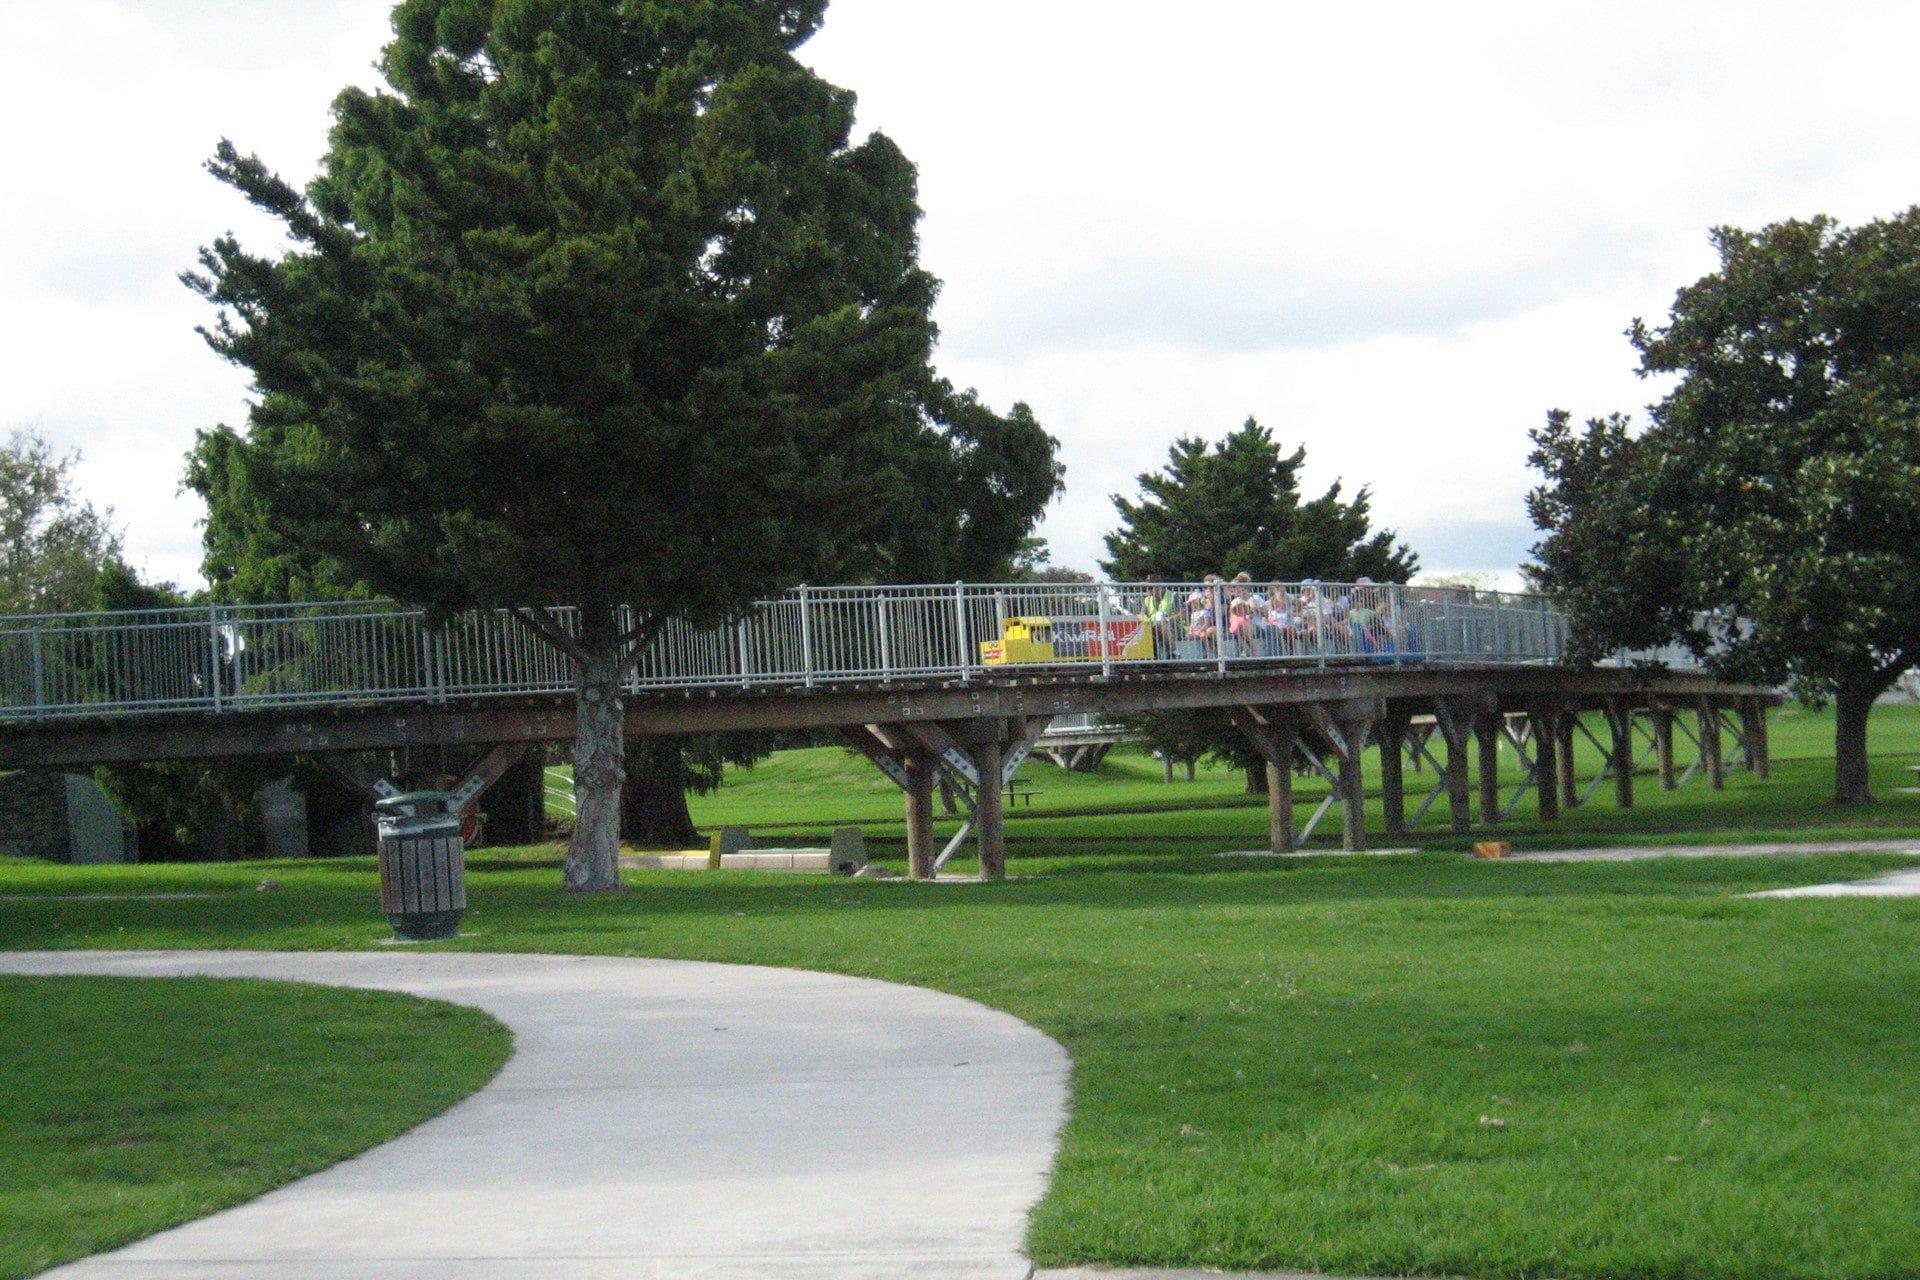 memorial-park-train